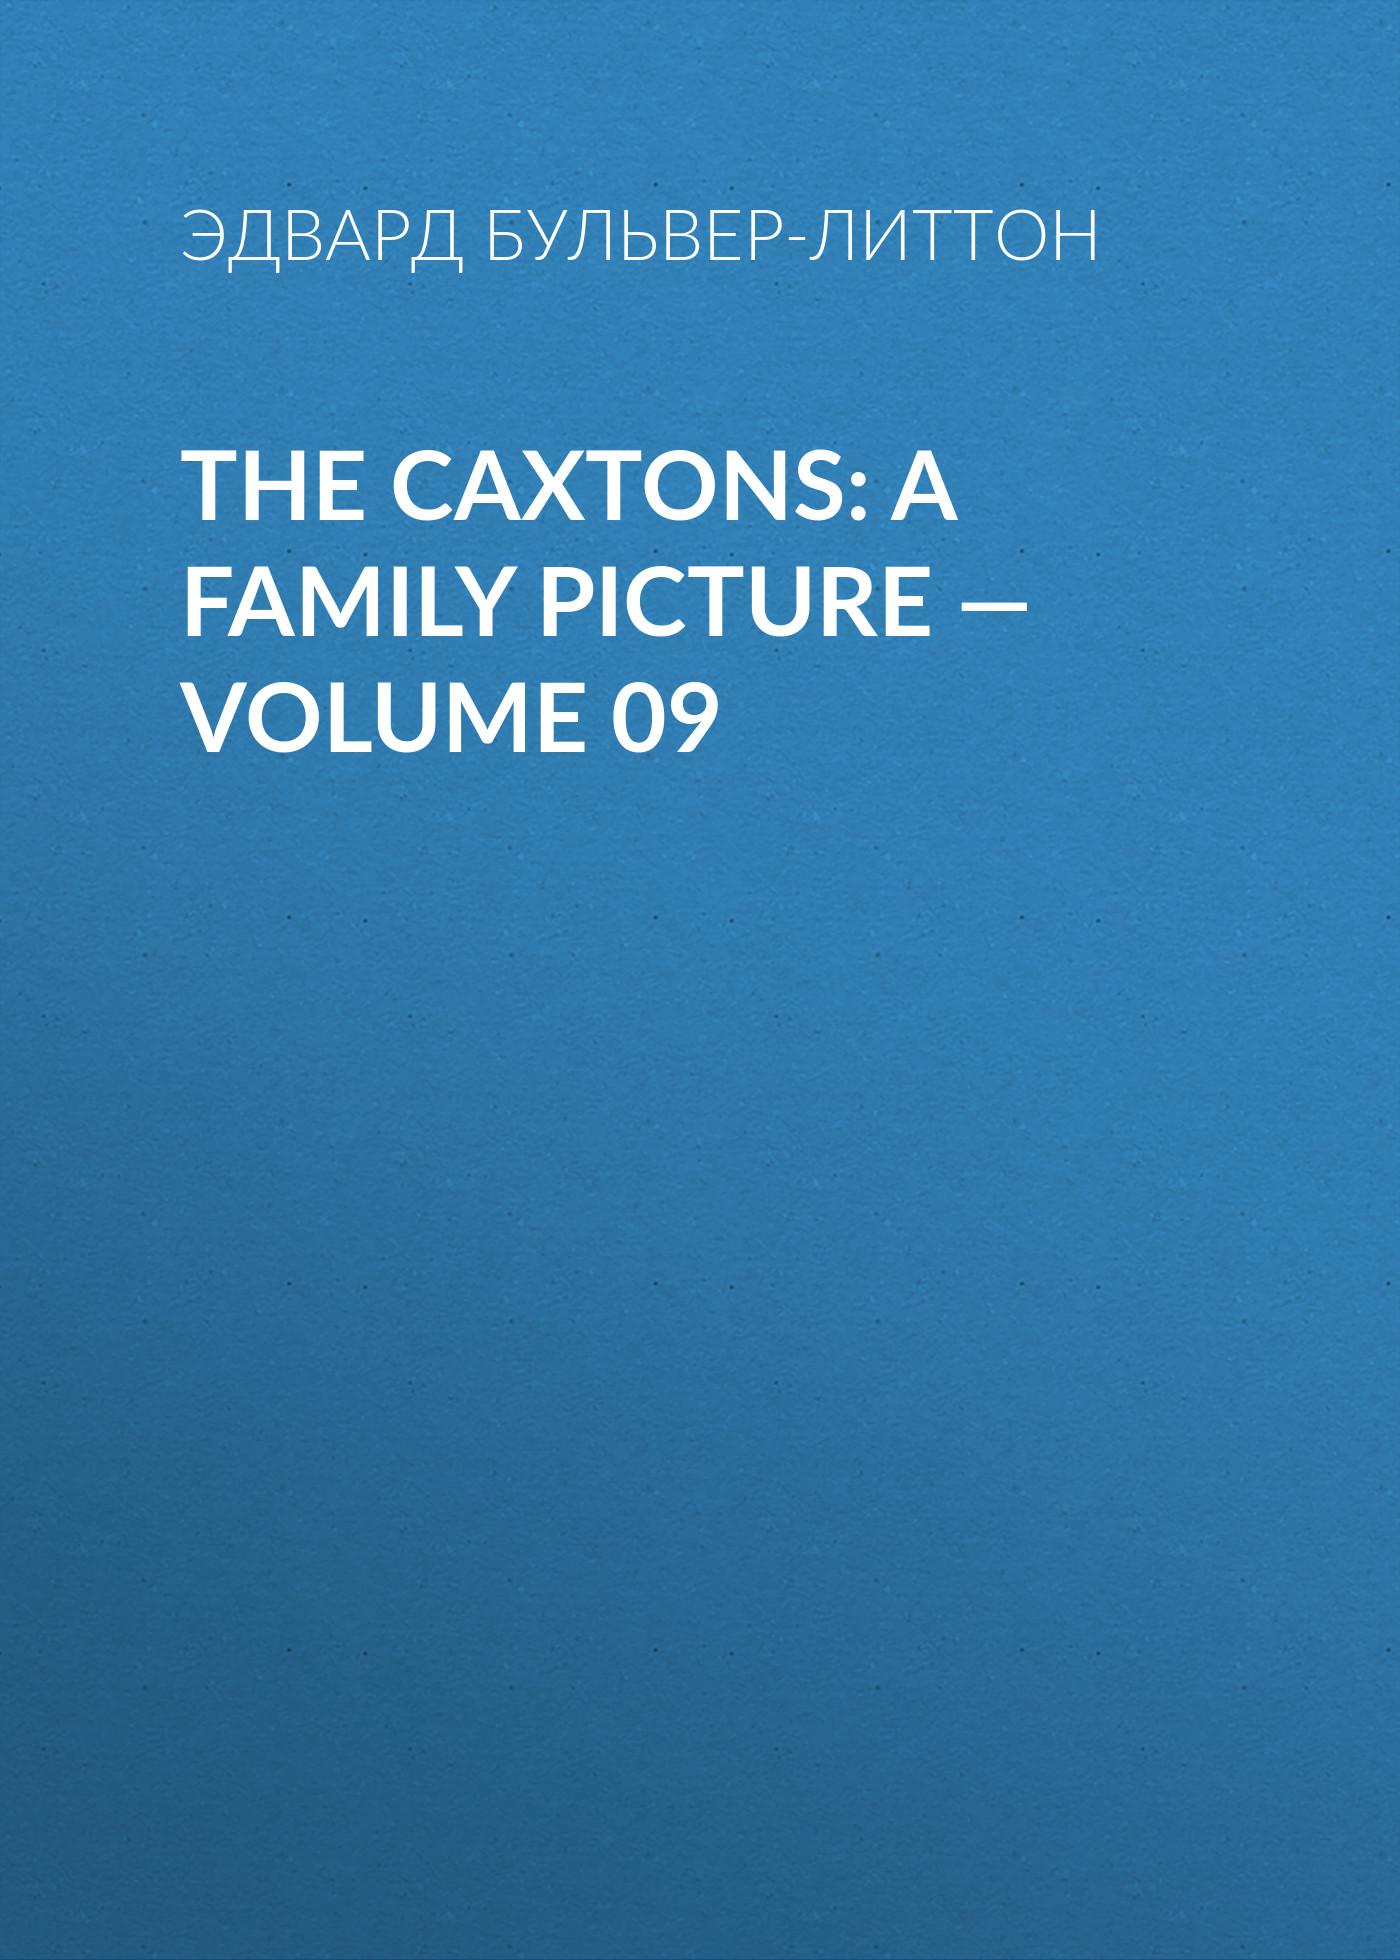 Эдвард Бульвер-Литтон The Caxtons: A Family Picture — Volume 09 эдвард бульвер литтон the caxtons a family picture volume 03